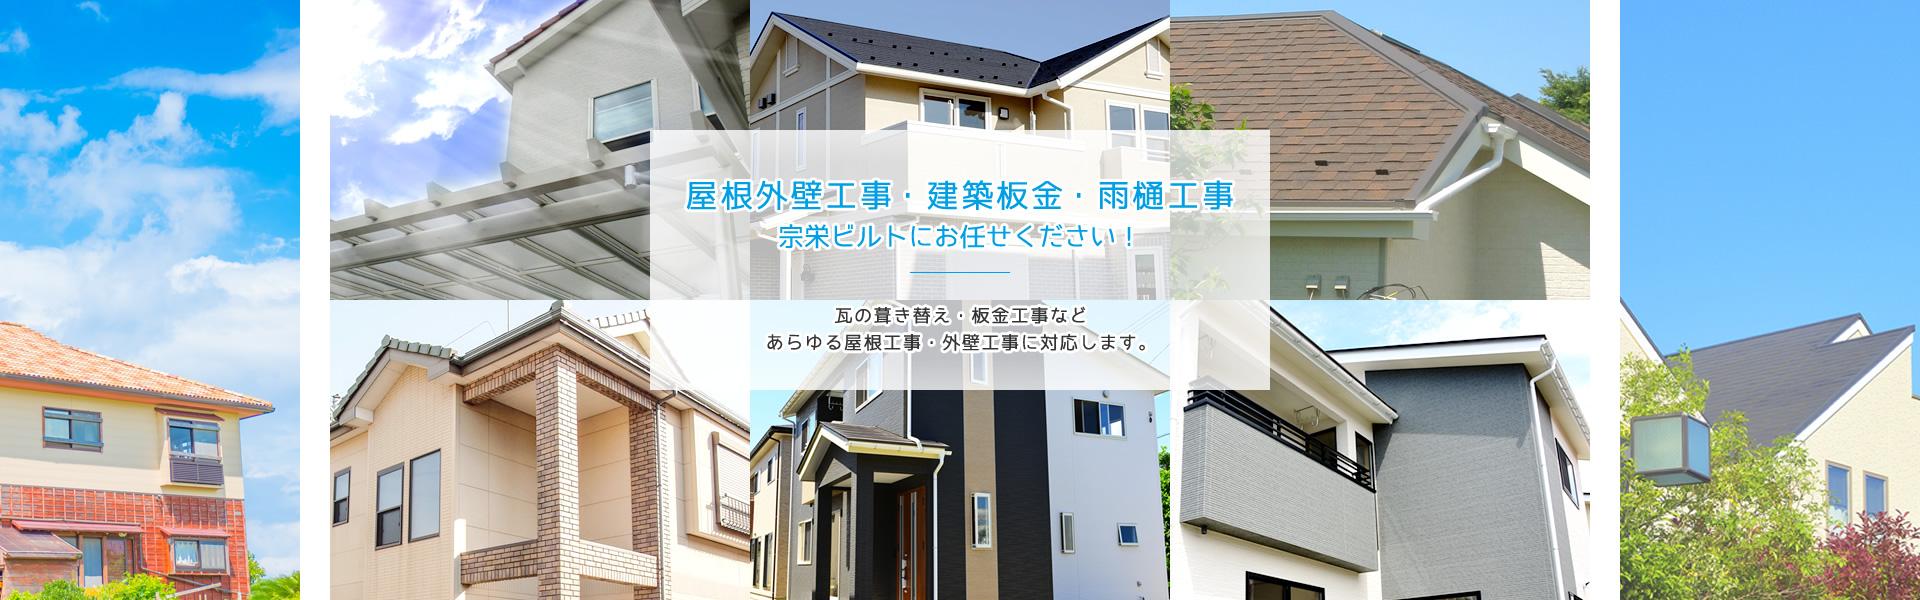 屋根外壁工事・建築板金・雨樋工事 宗栄ビルトにお任せください!